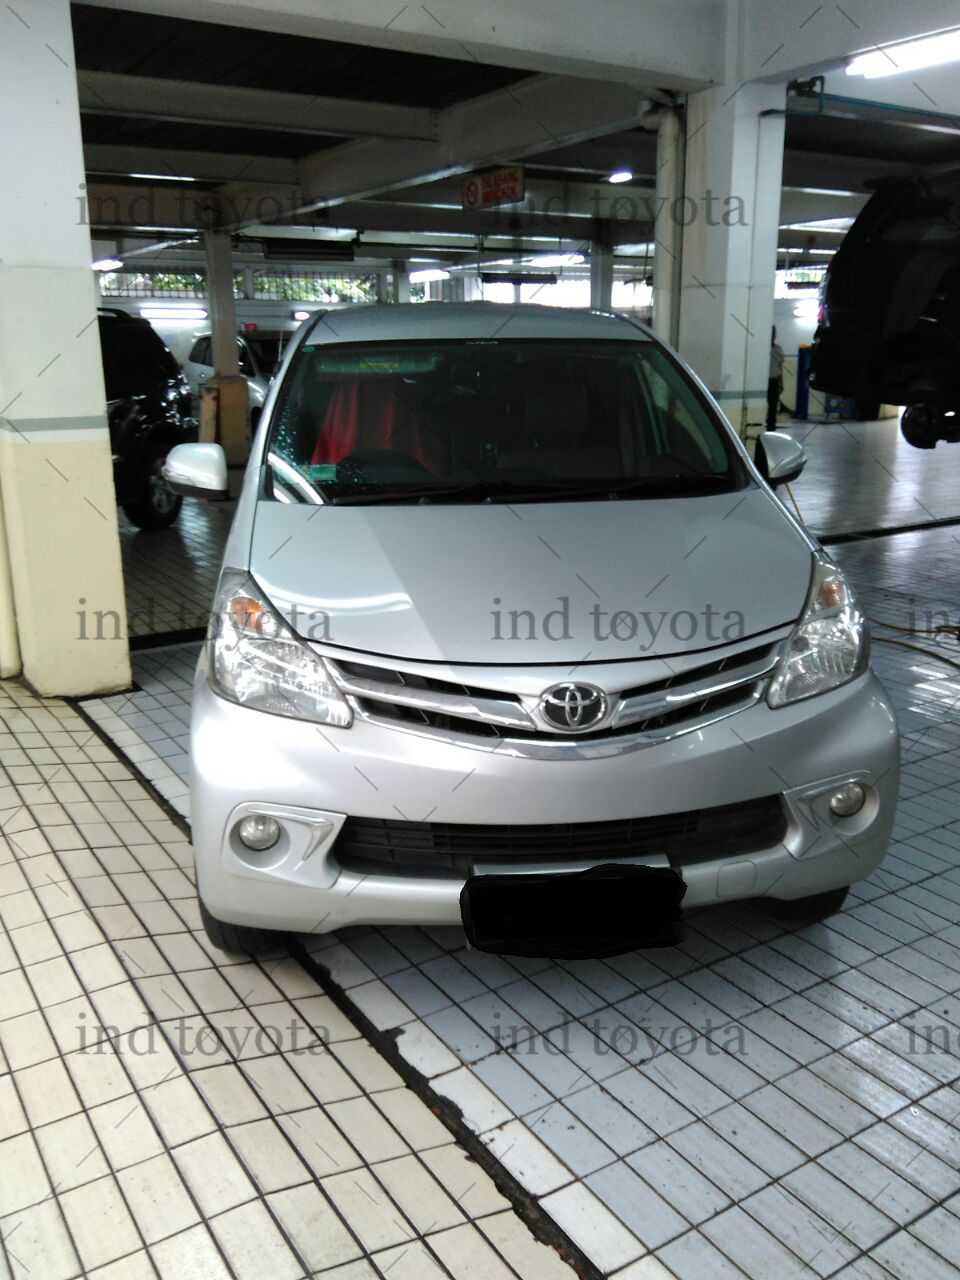 Cara Mematikan Alarm Grand New Avanza Harga 1.3 G M/t Menyetel Sensitifitas Kendaraan Mobil Toyota Dari Berbagai Generasi